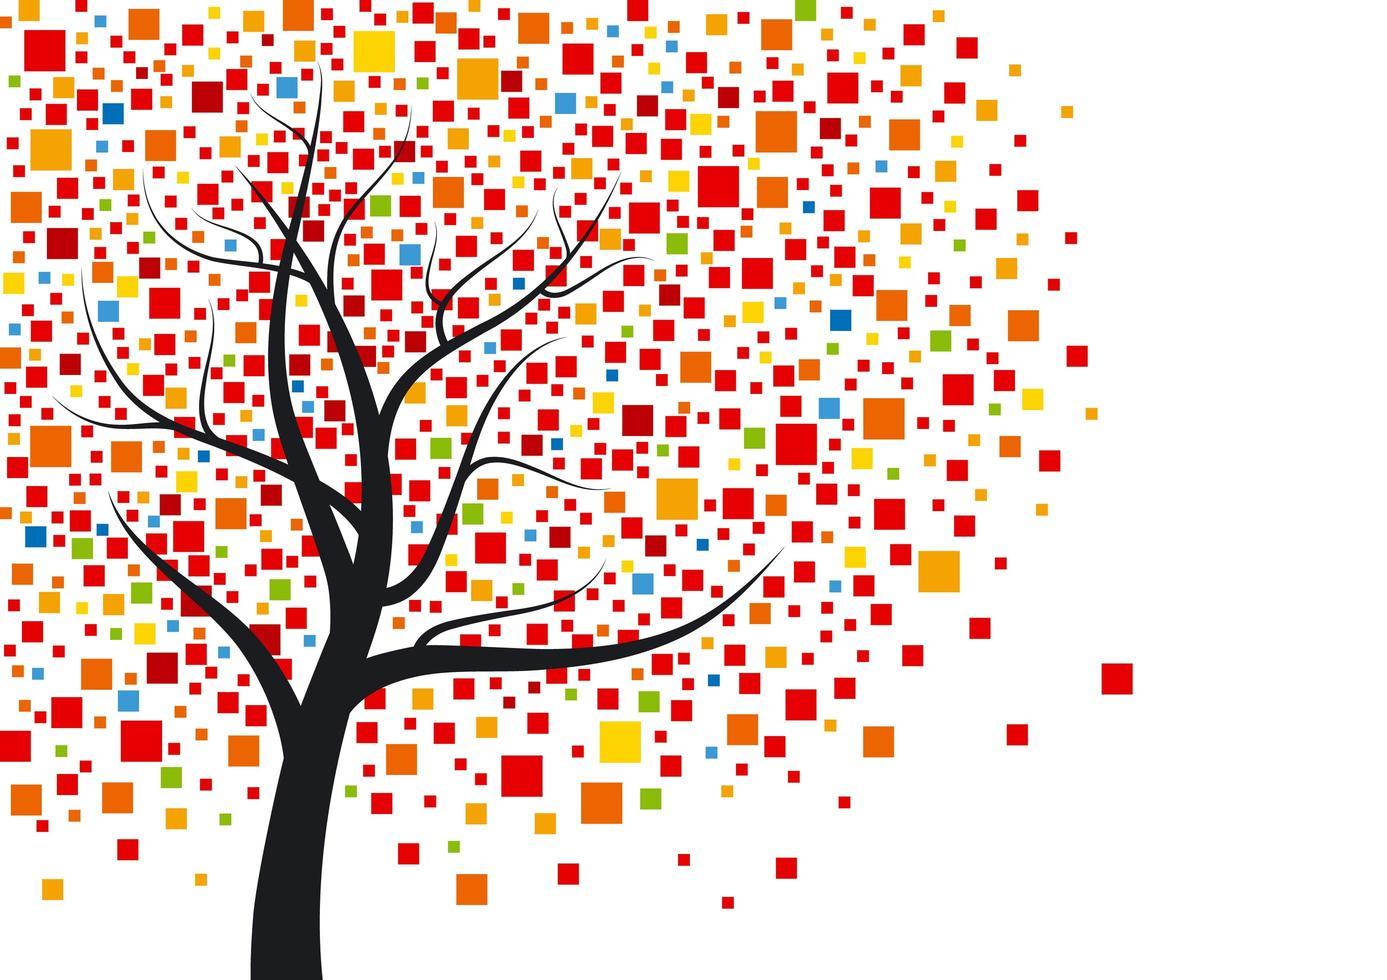 diseño de árbol de mosaico vector